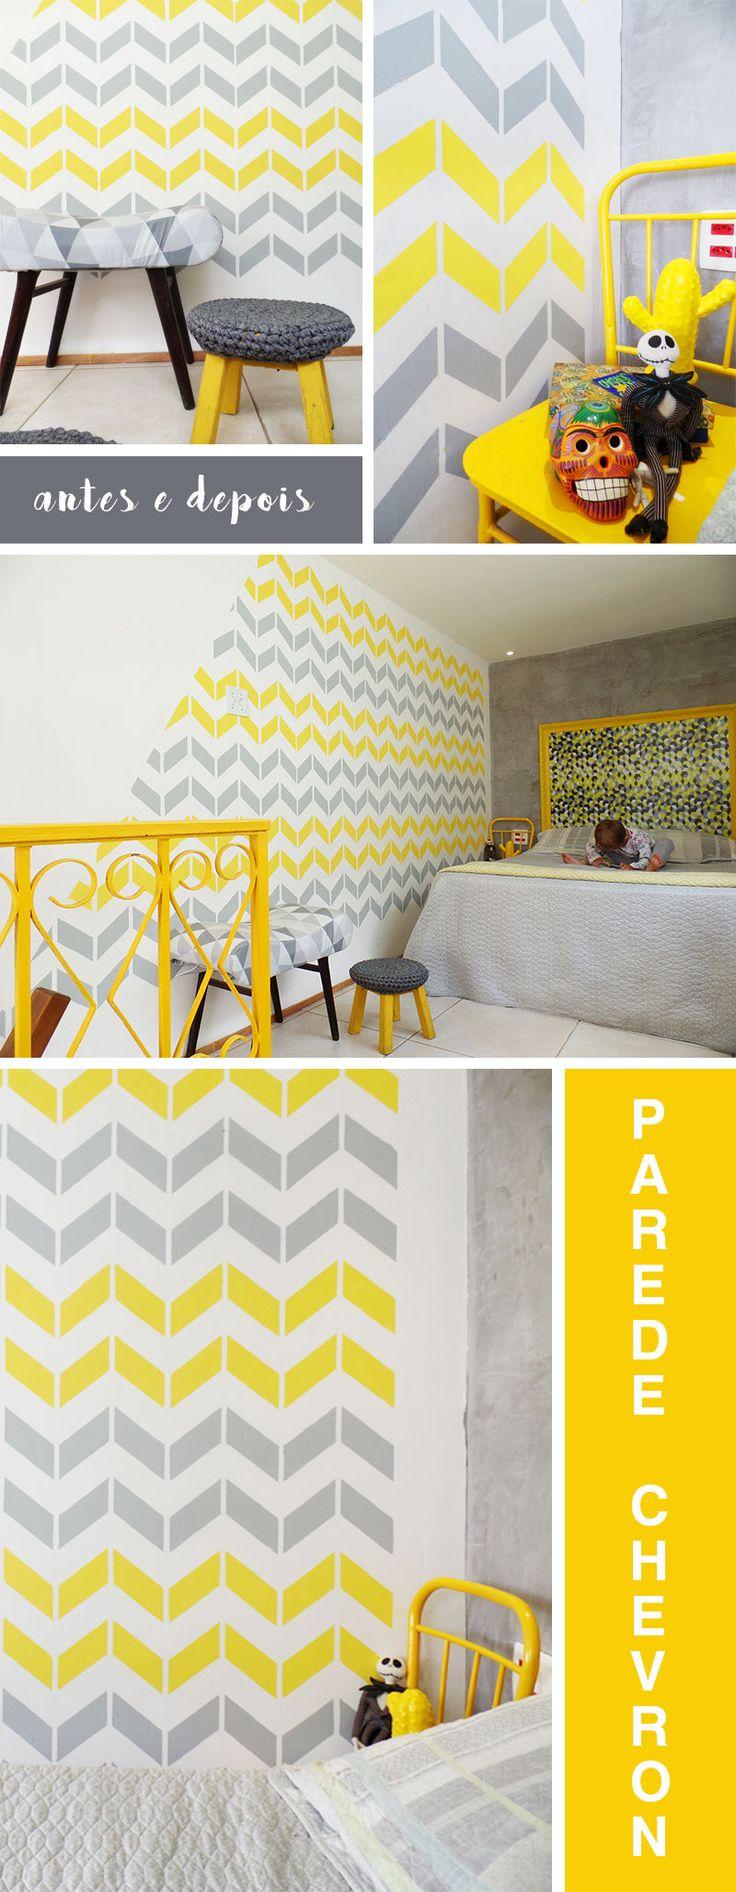 Antes e Depois Parede Chevron Estêncil Amarelo e Cinza, Brasilux, Stencil Decor, Blog Remobilia